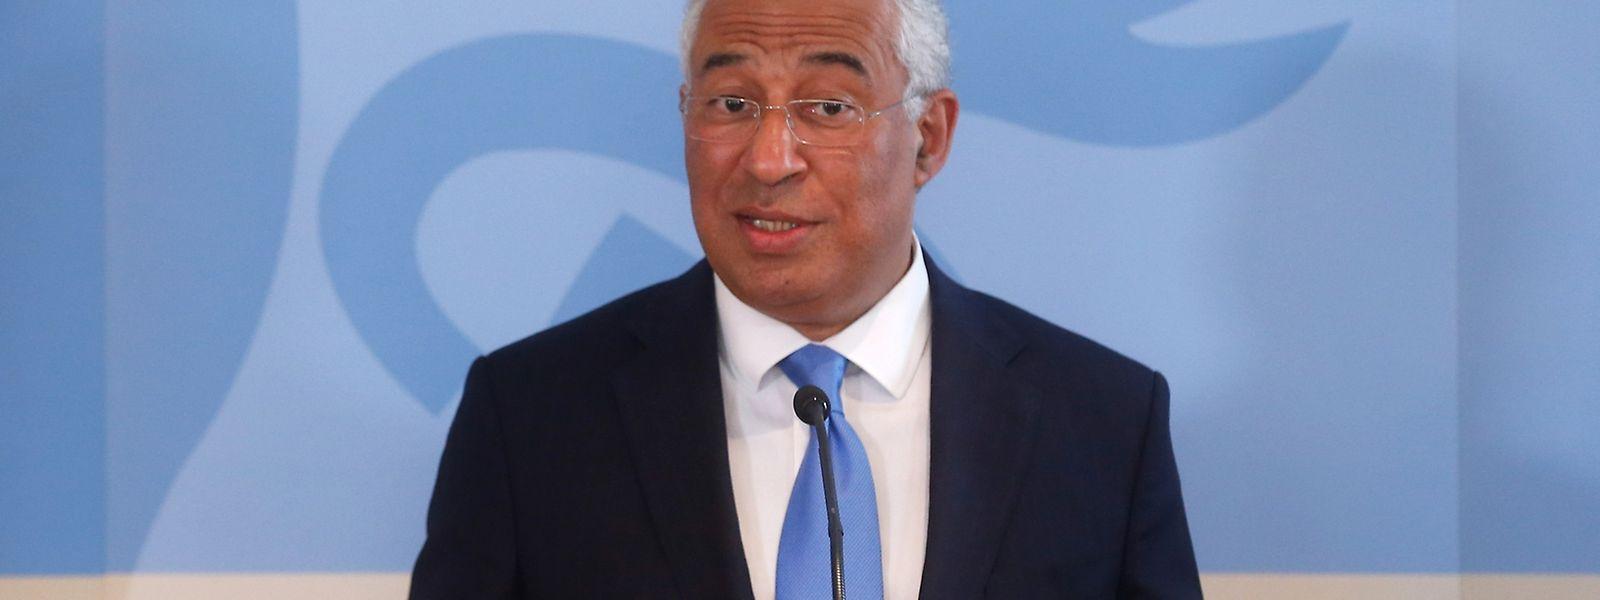 António Costa esteve há duas semanas no Luxemburgo para assinar vários acordos de cooperação entre Portugal e o Grão-Ducado